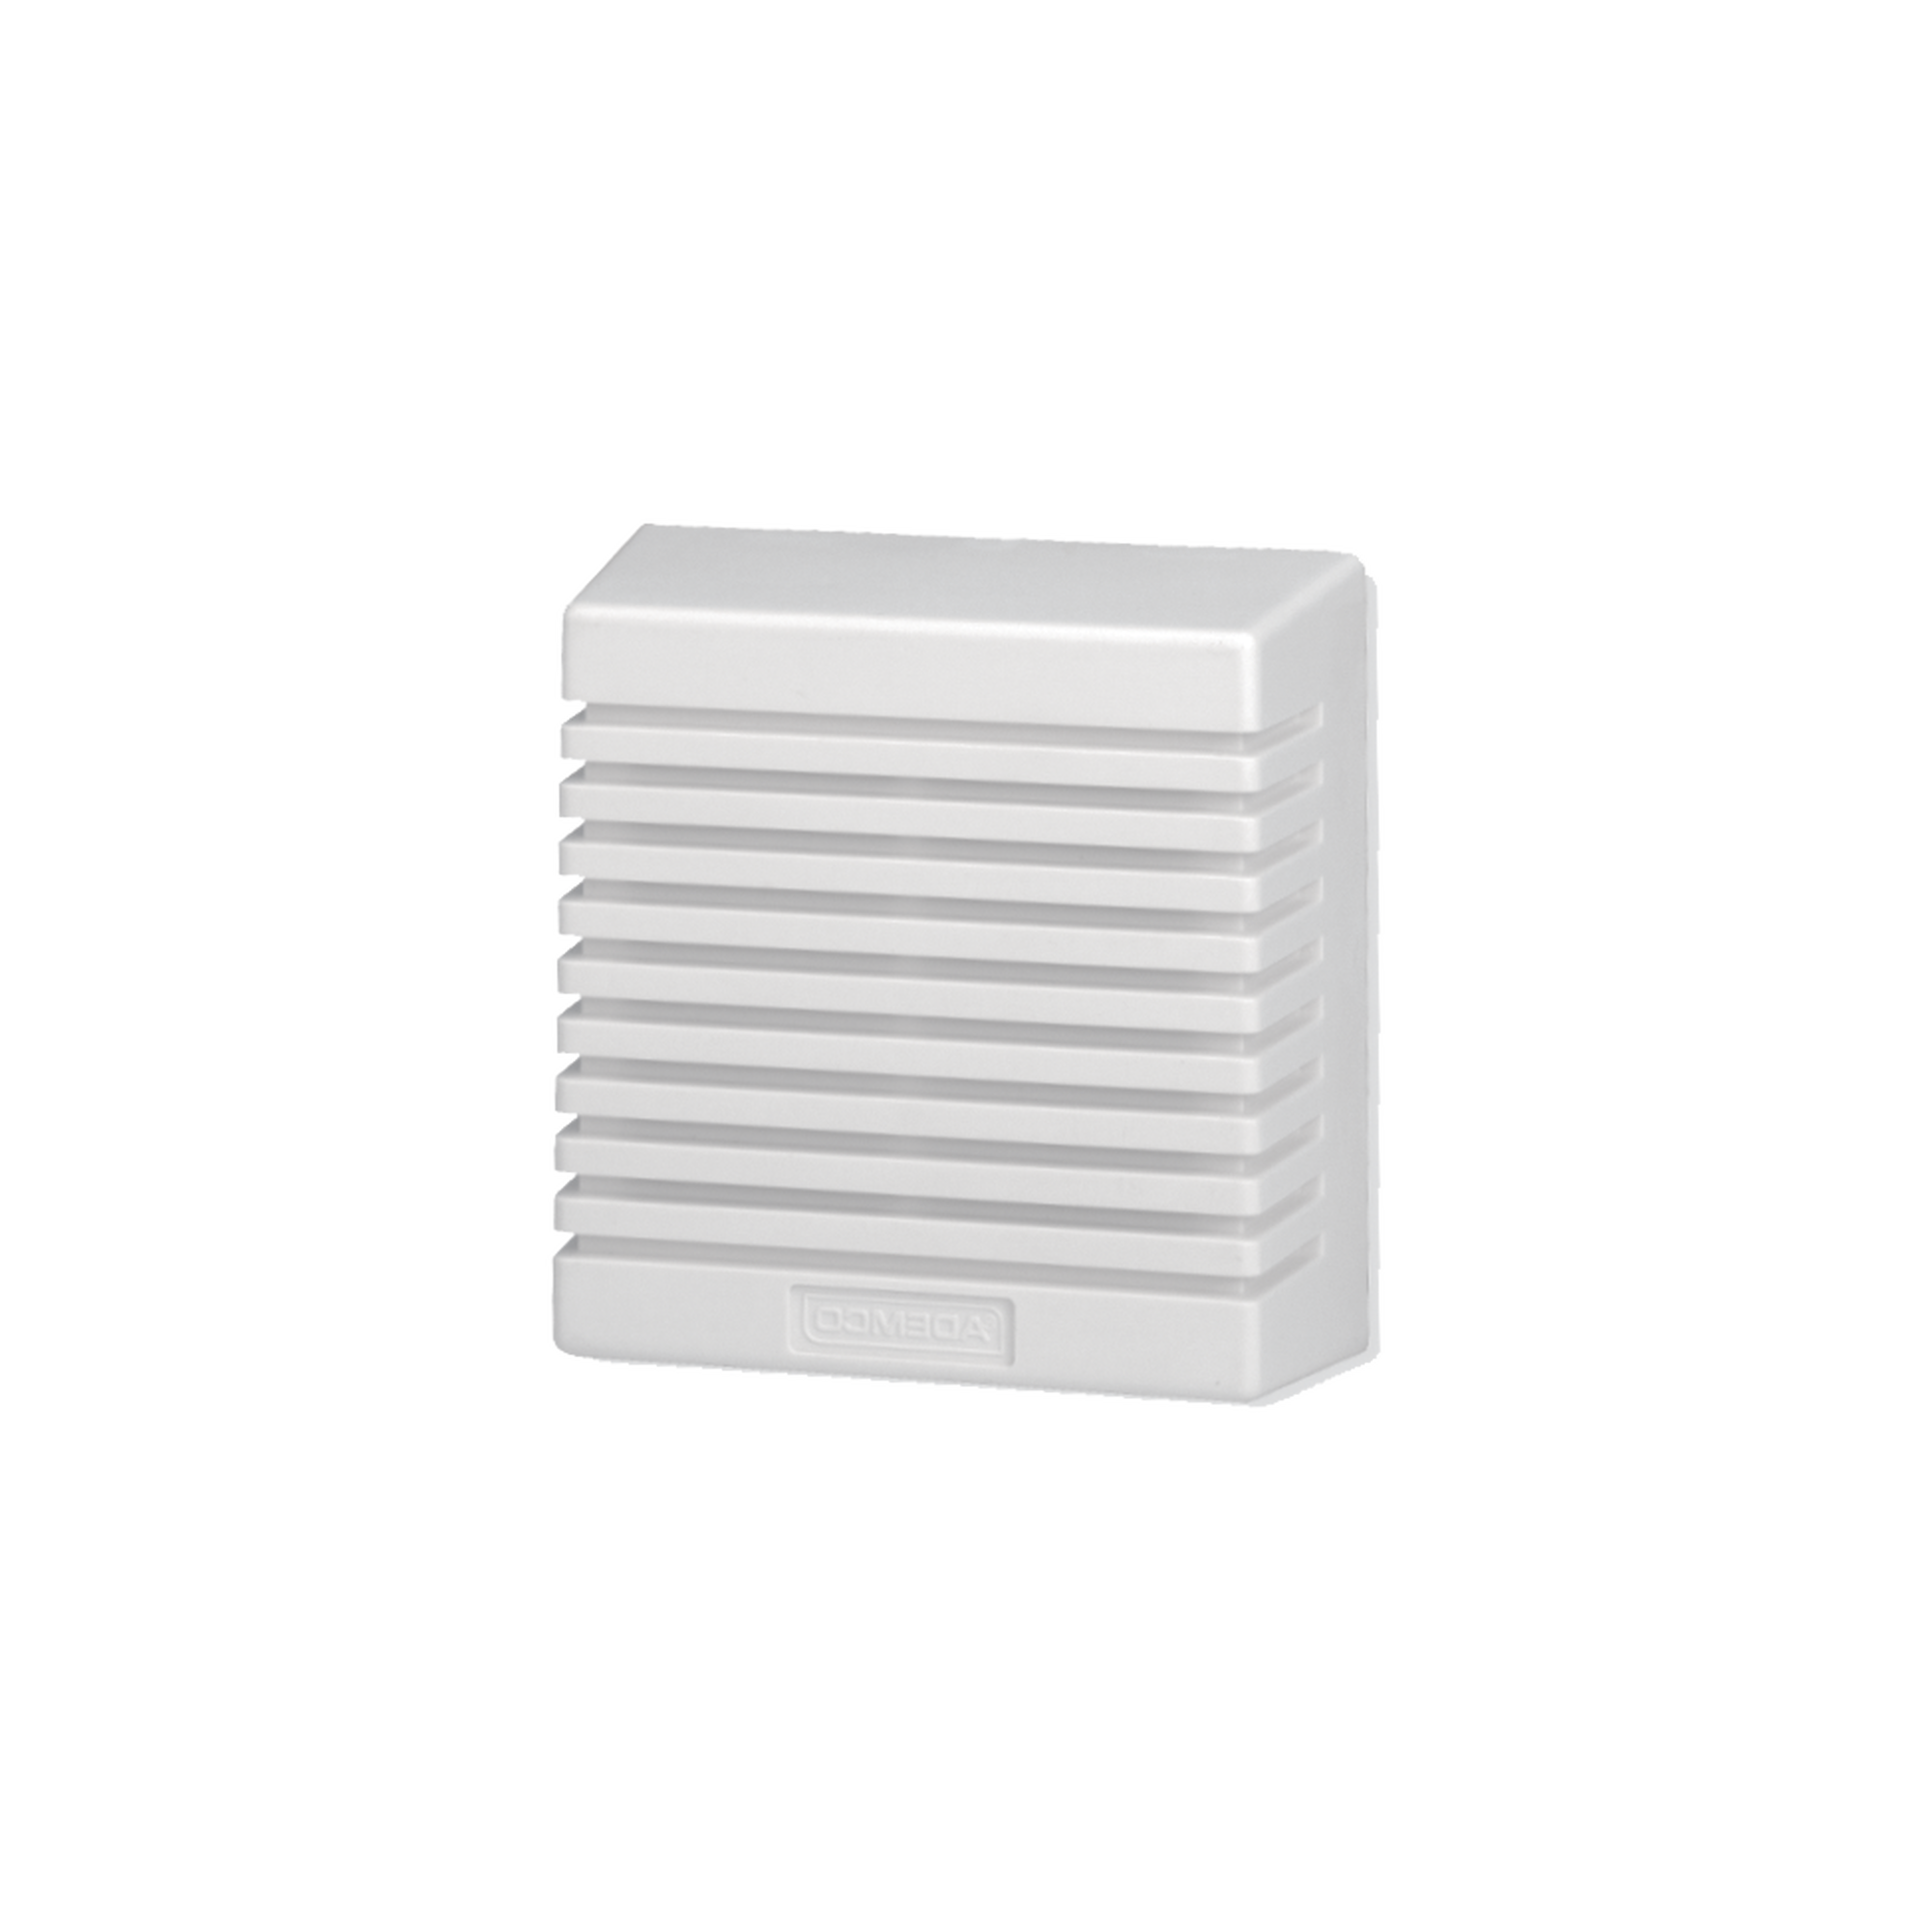 Sirena para interior / 2 tonos / Sonido de 95 dB